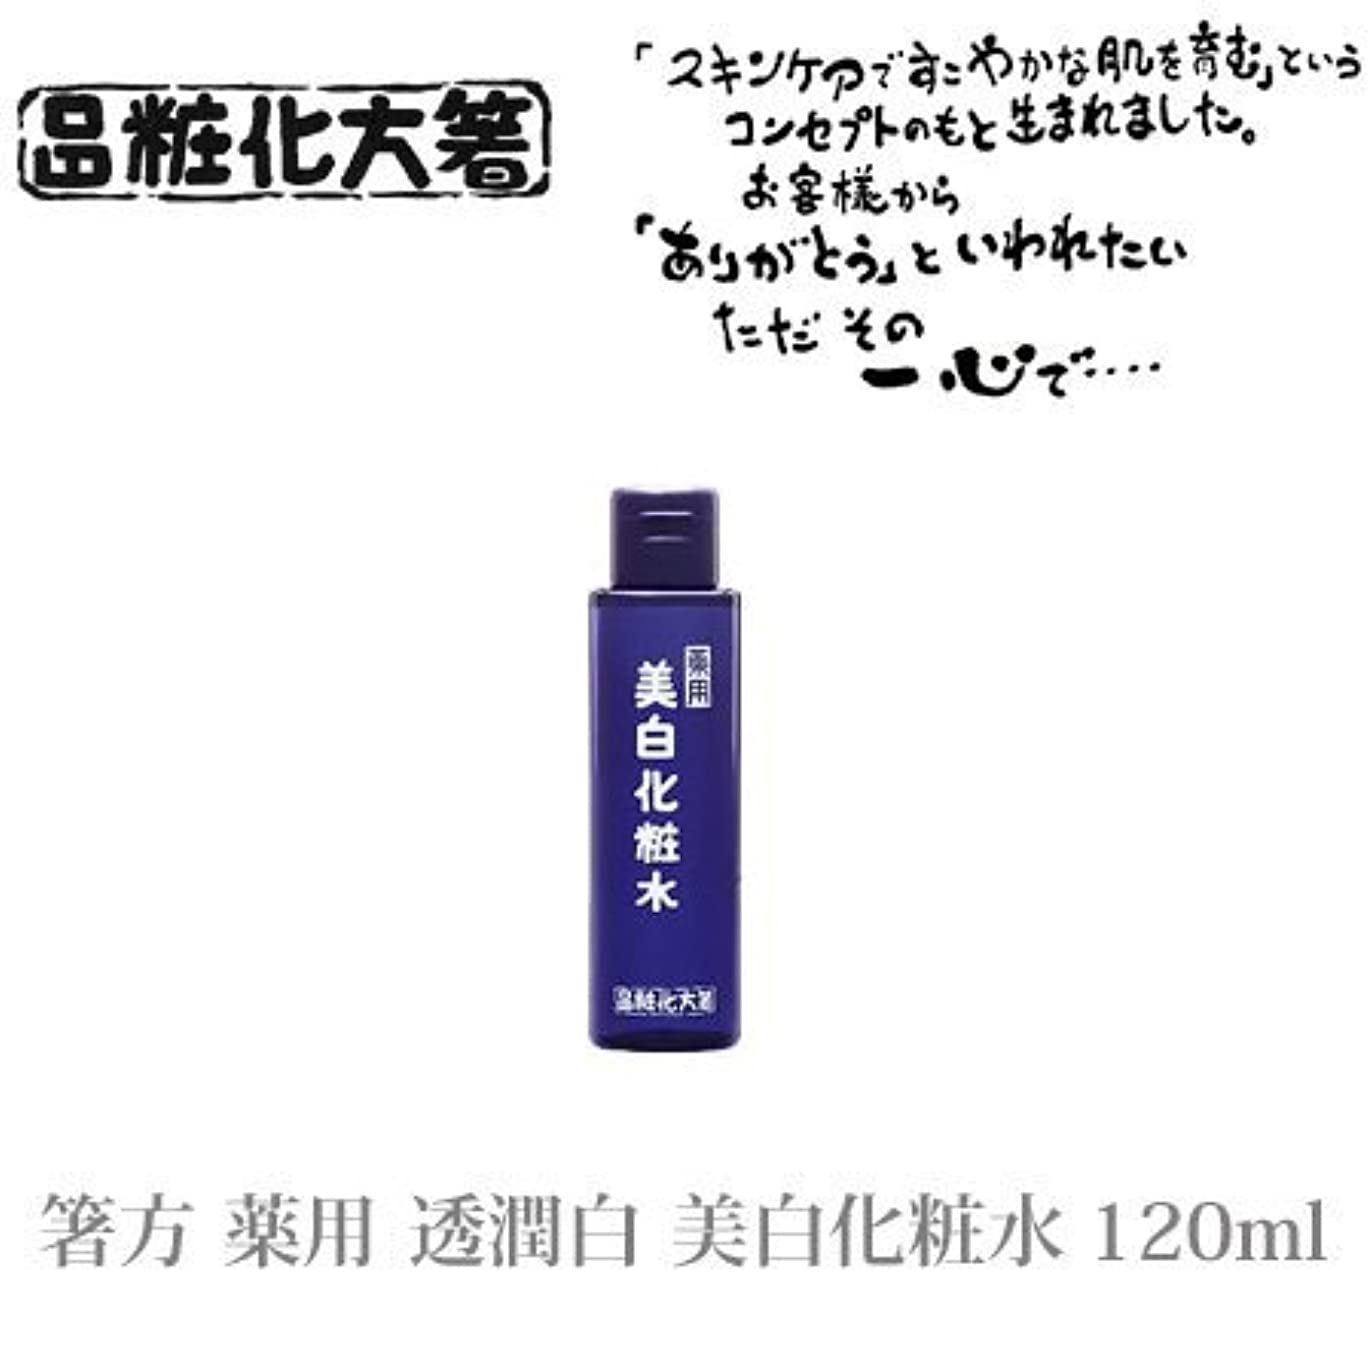 横原稿ヒューム箸方化粧品 薬用 透潤白 美白化粧水 120ml はしかた化粧品